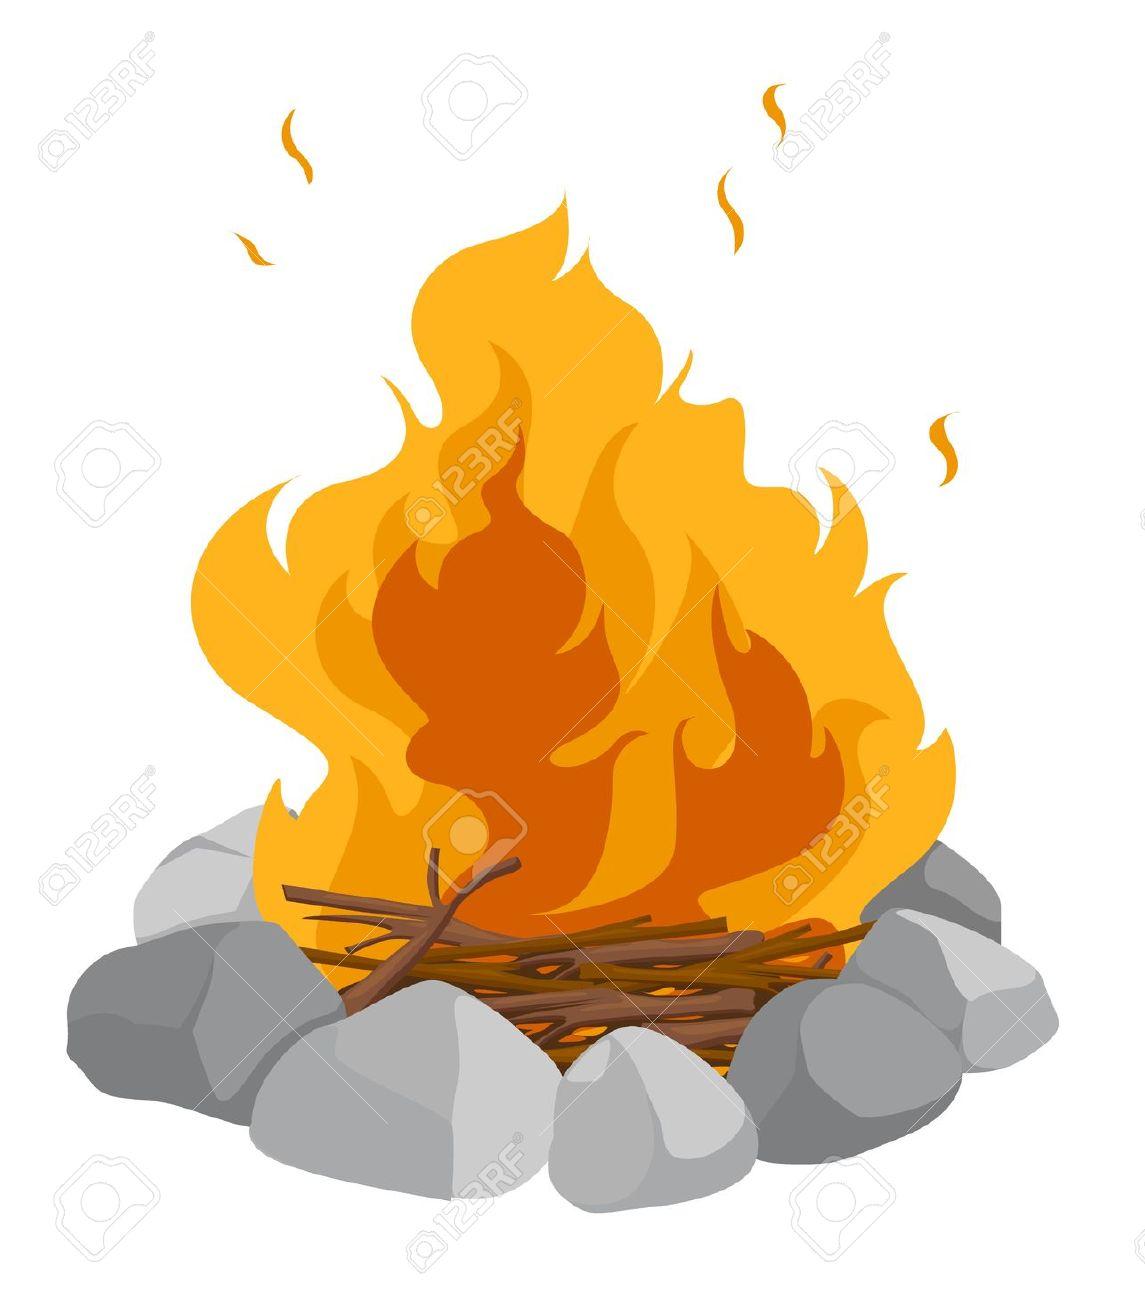 Campfire clipart cartoon. Cliparts cliparting com